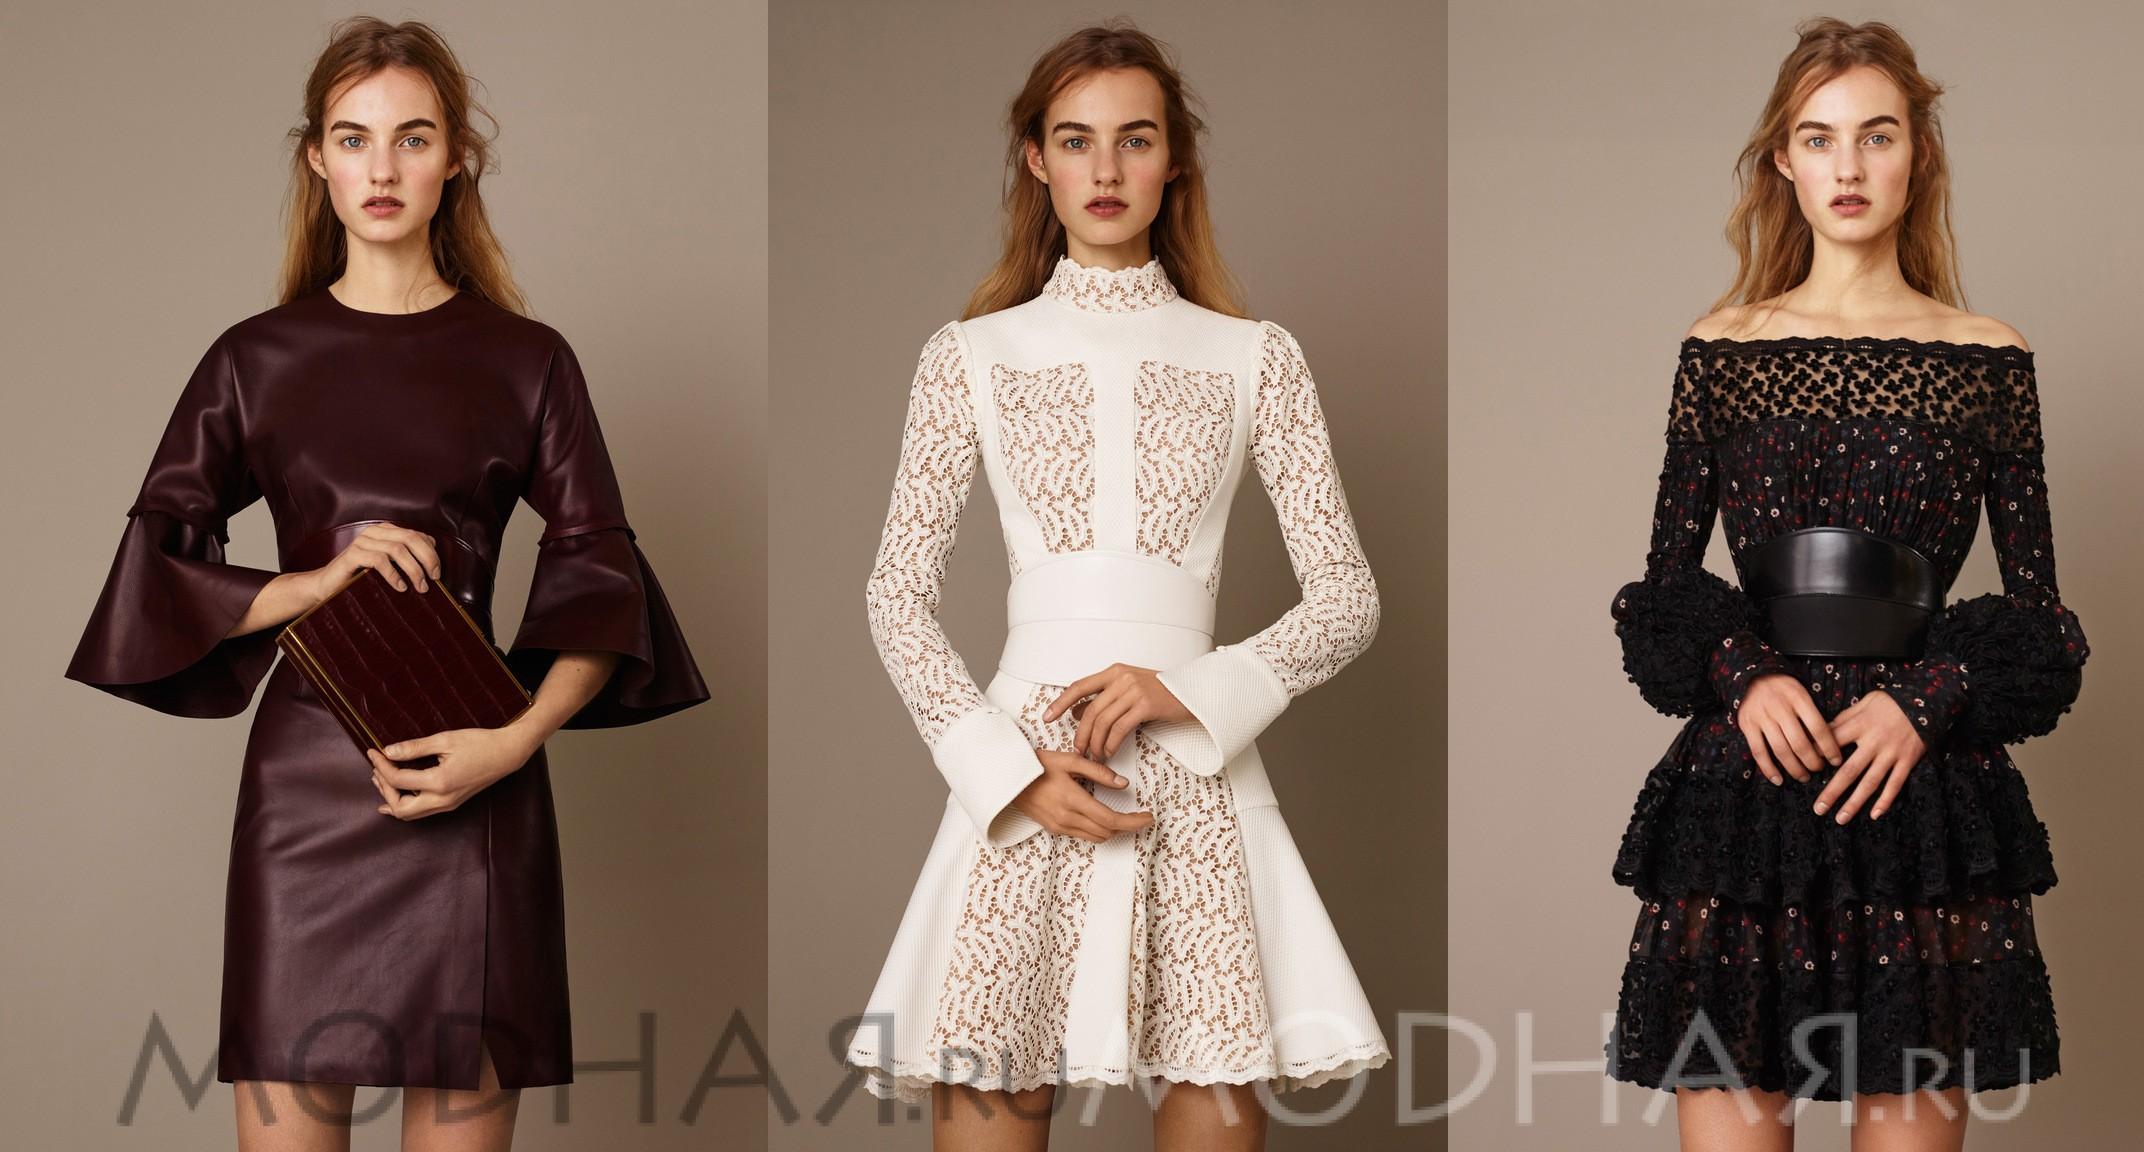 одежда 2016 года модные тенденции фото